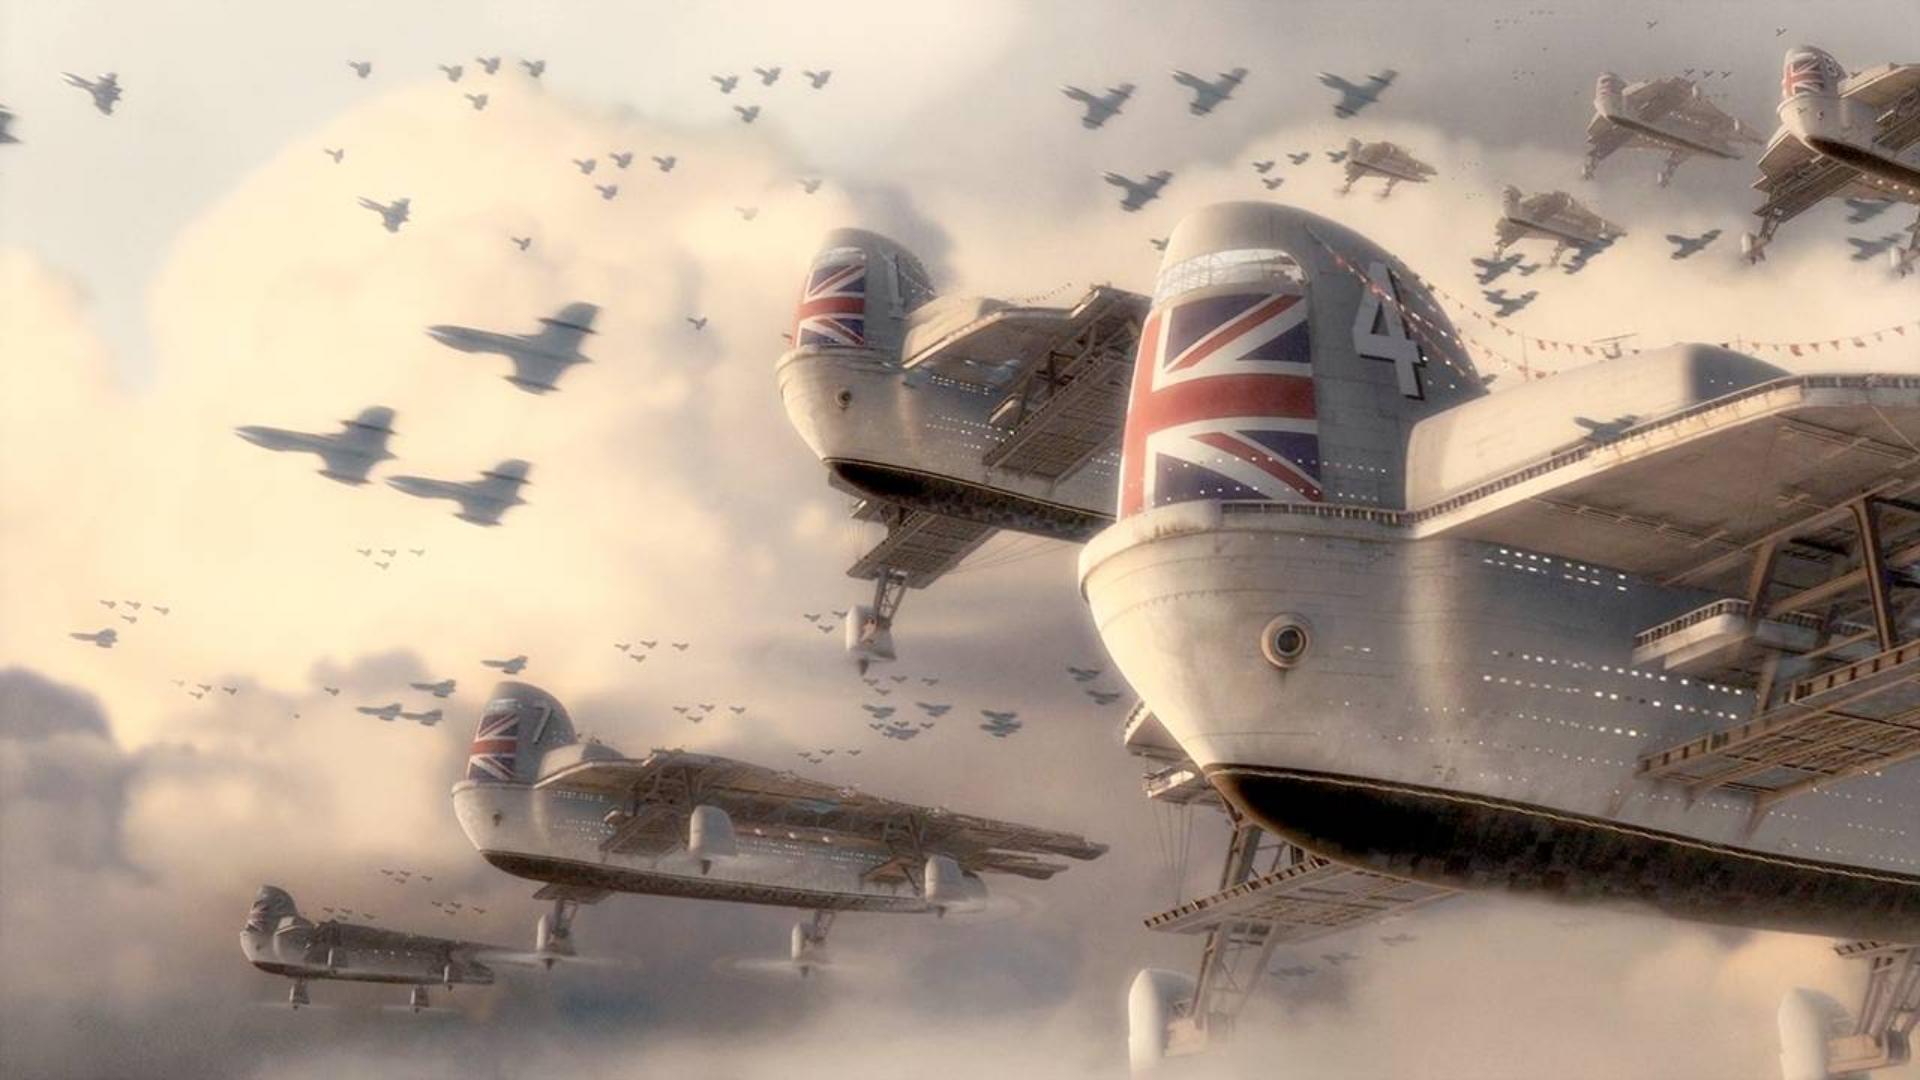 天空航母霸气登场,一部天马行空,罕见的蒸汽朋克科幻大作!速看科幻电影《天空上尉与明日世界》